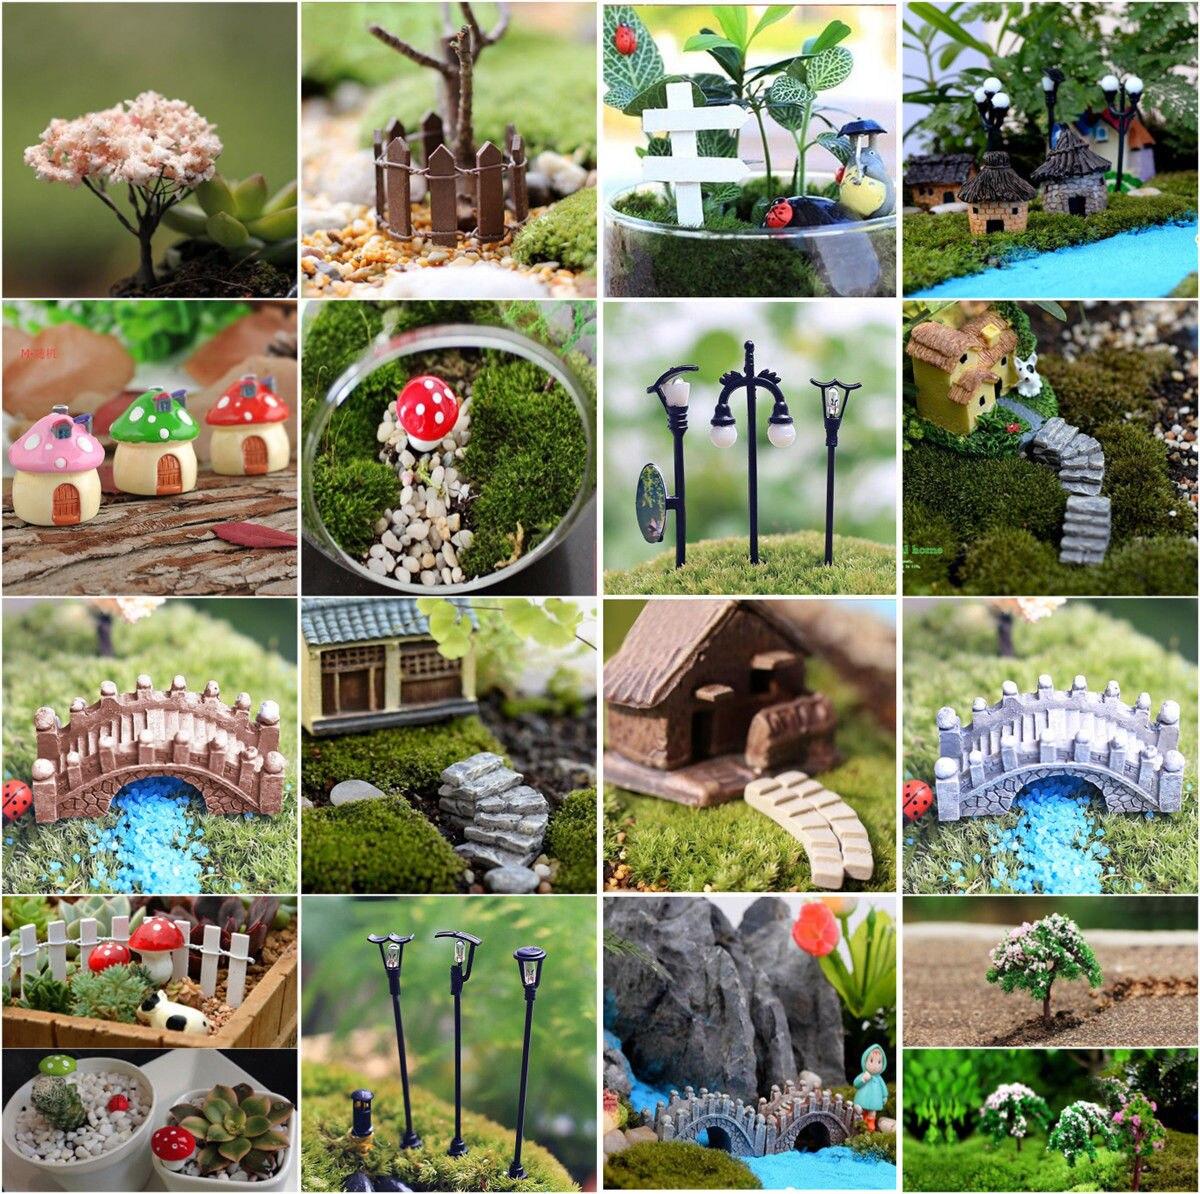 Mini figura de artesanía, maceta, adorno de jardín, decoración de jardín de hadas en miniatura, accesorios DIY